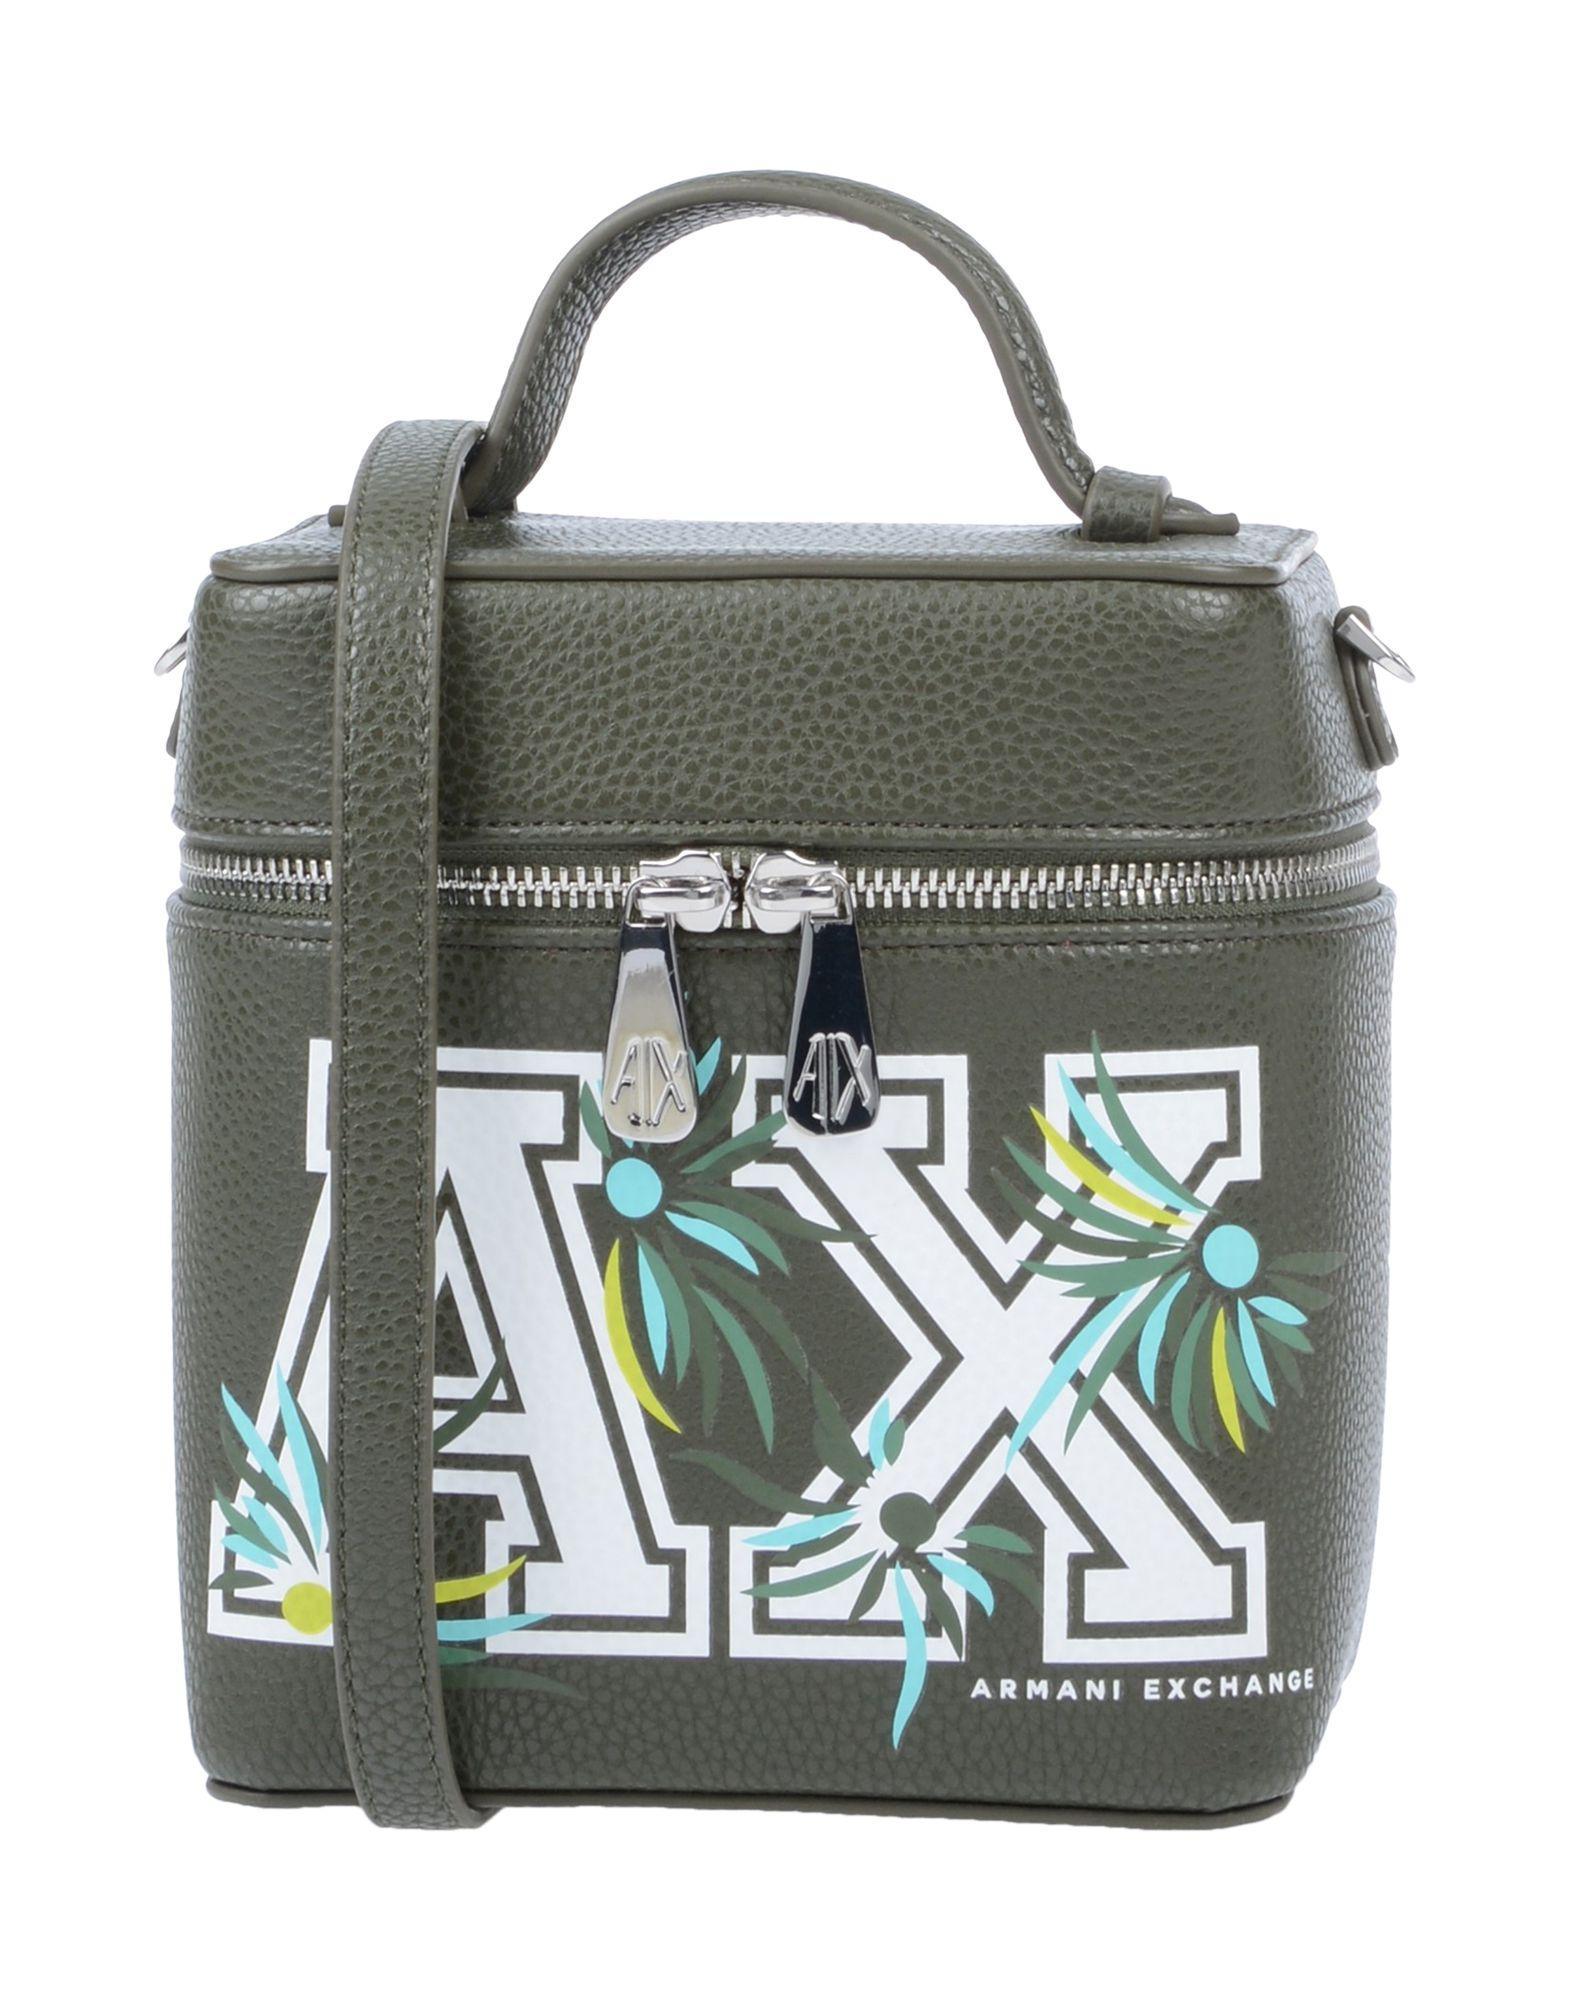 8f9b6d5406b1 Женские сумки Armani Exchange купить в интернет магазине ...